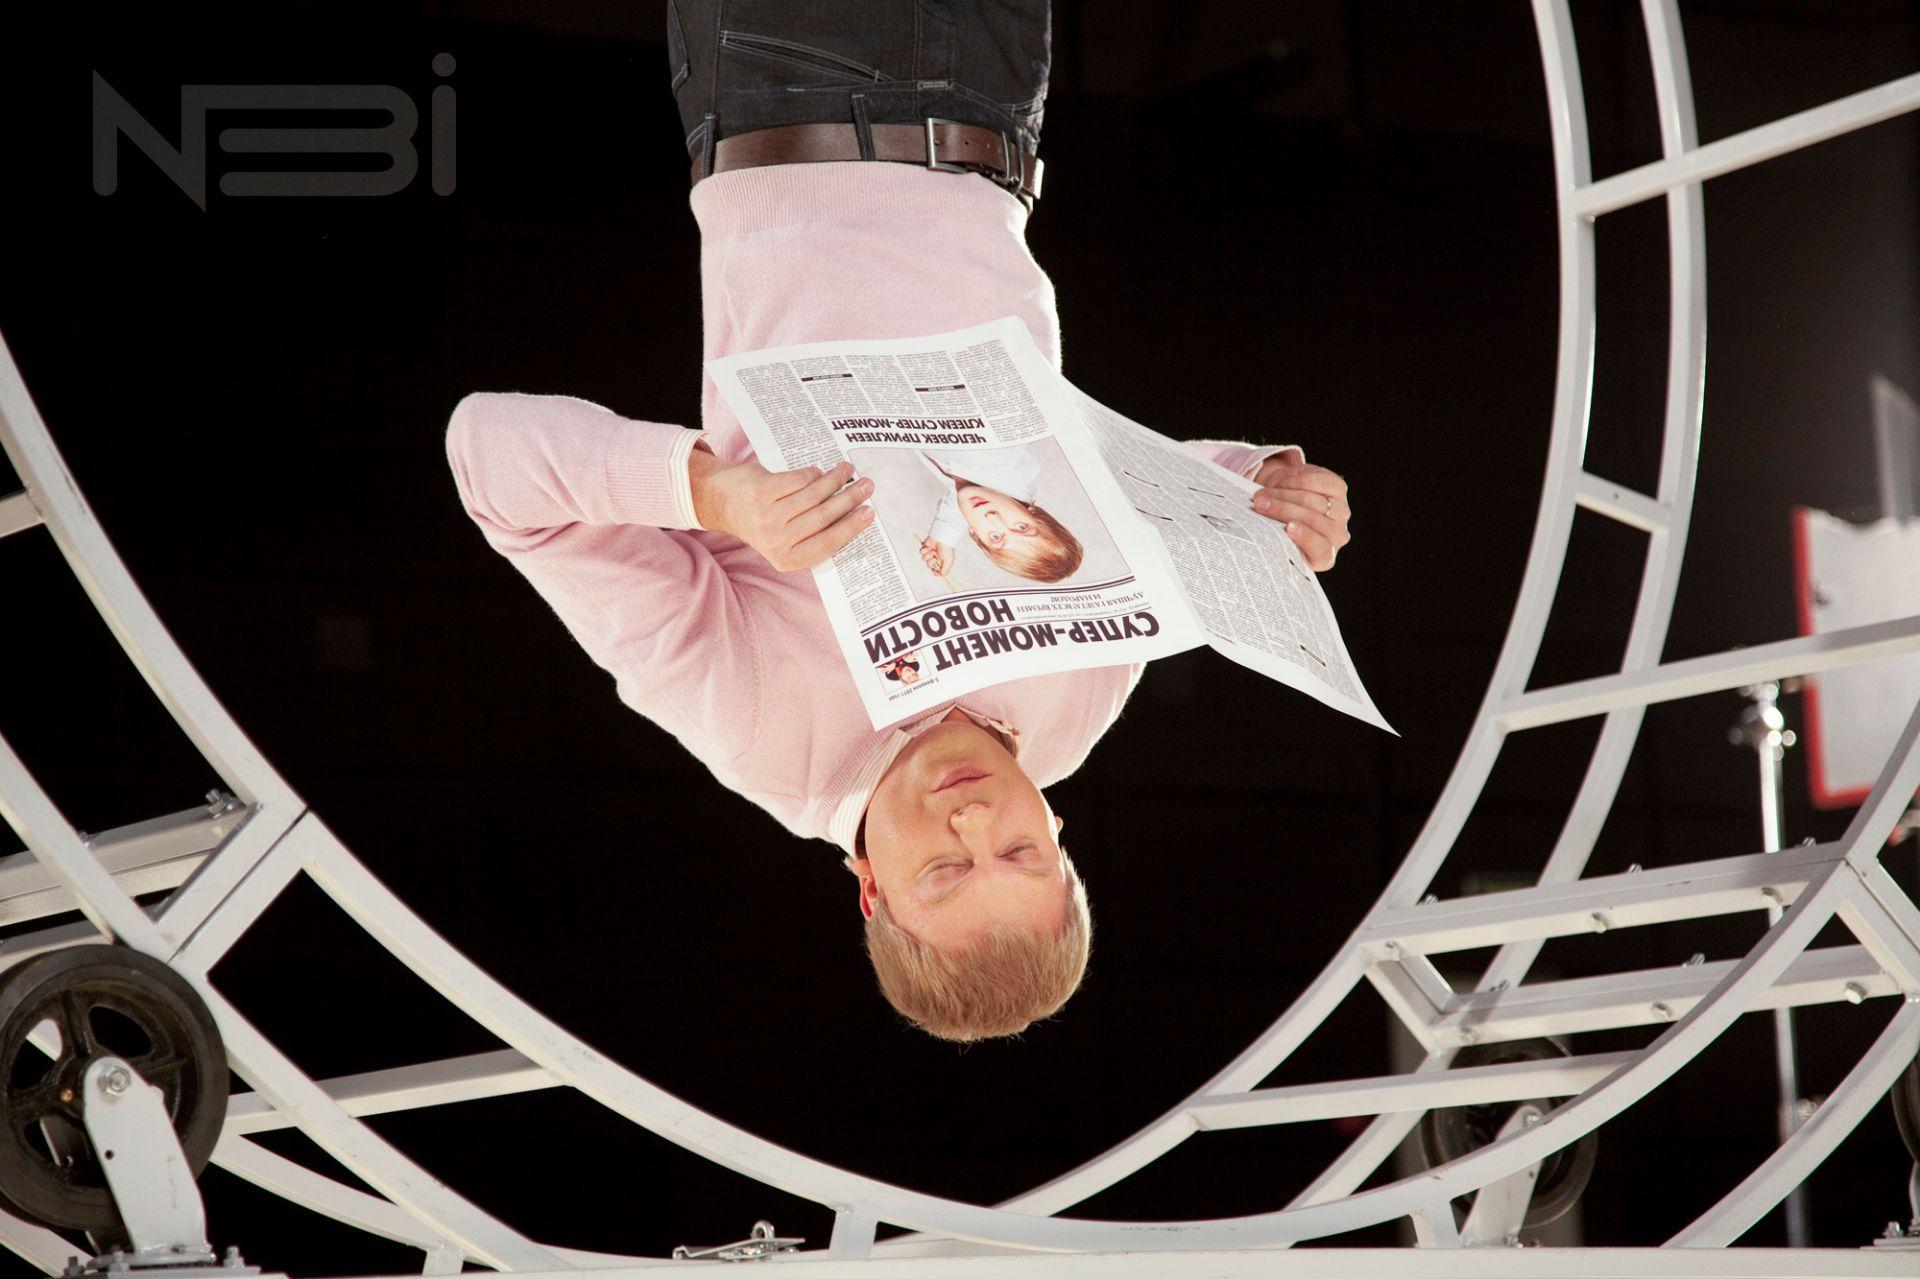 Фоторепортаж о рекламном ролике с Сергеем Светлаковым фотостудия нби